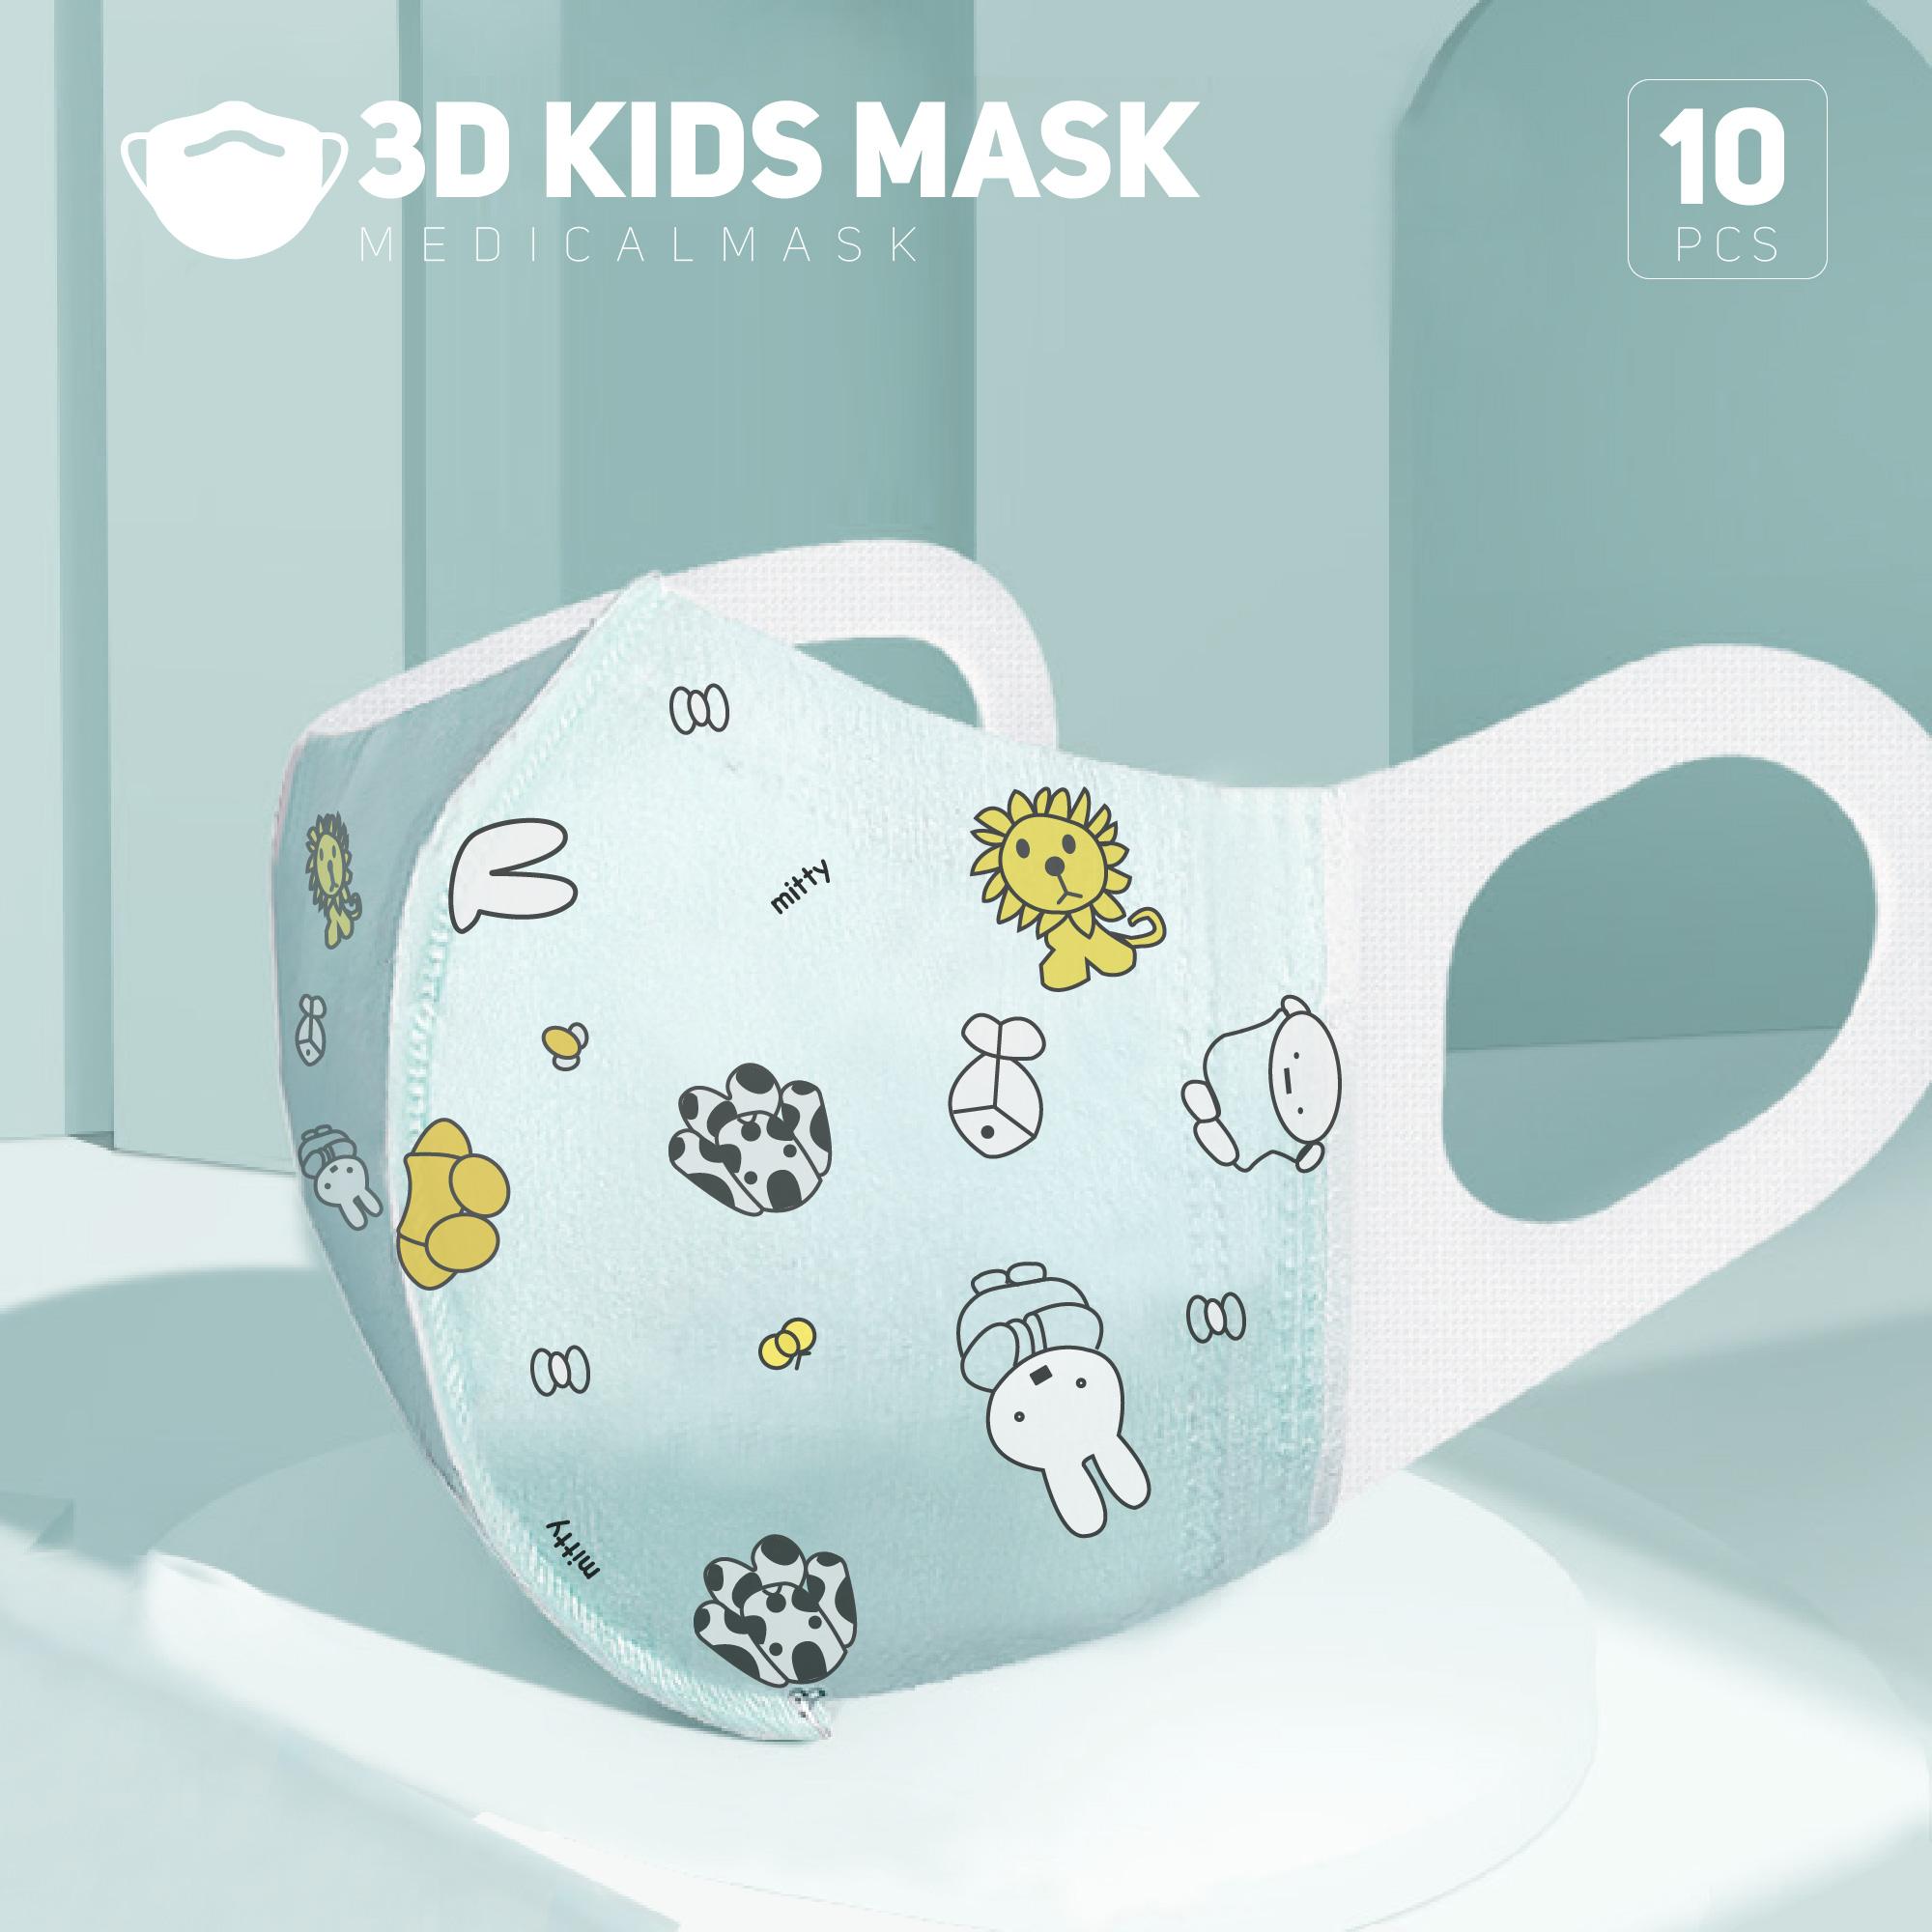 Combo 30 Khẩu trang trẻ em Shelton 3D Kids Mask (Trộn Màu),Khẩu trang 4 lớp trẻ em,Khẩu trang cho bé,Khẩu trang bé trai,Khẩu trang bé gái,Khẩu trang baby,Khẩu trang 3d em bé,khẩu trang trẻ em cao cấp,khẩu trang đáng yêu,Khẩu trang kids